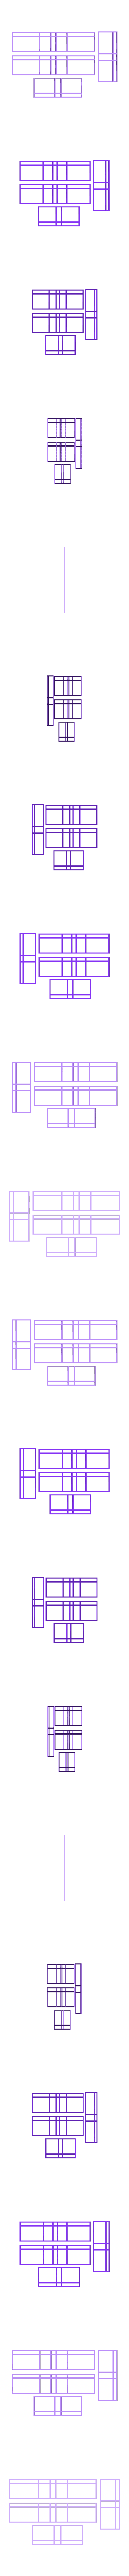 VENTANAS.stl Télécharger fichier STL gratuit MAISON DE VERRE - PHILLIP JOHNSON • Modèle imprimable en 3D, Steedrick